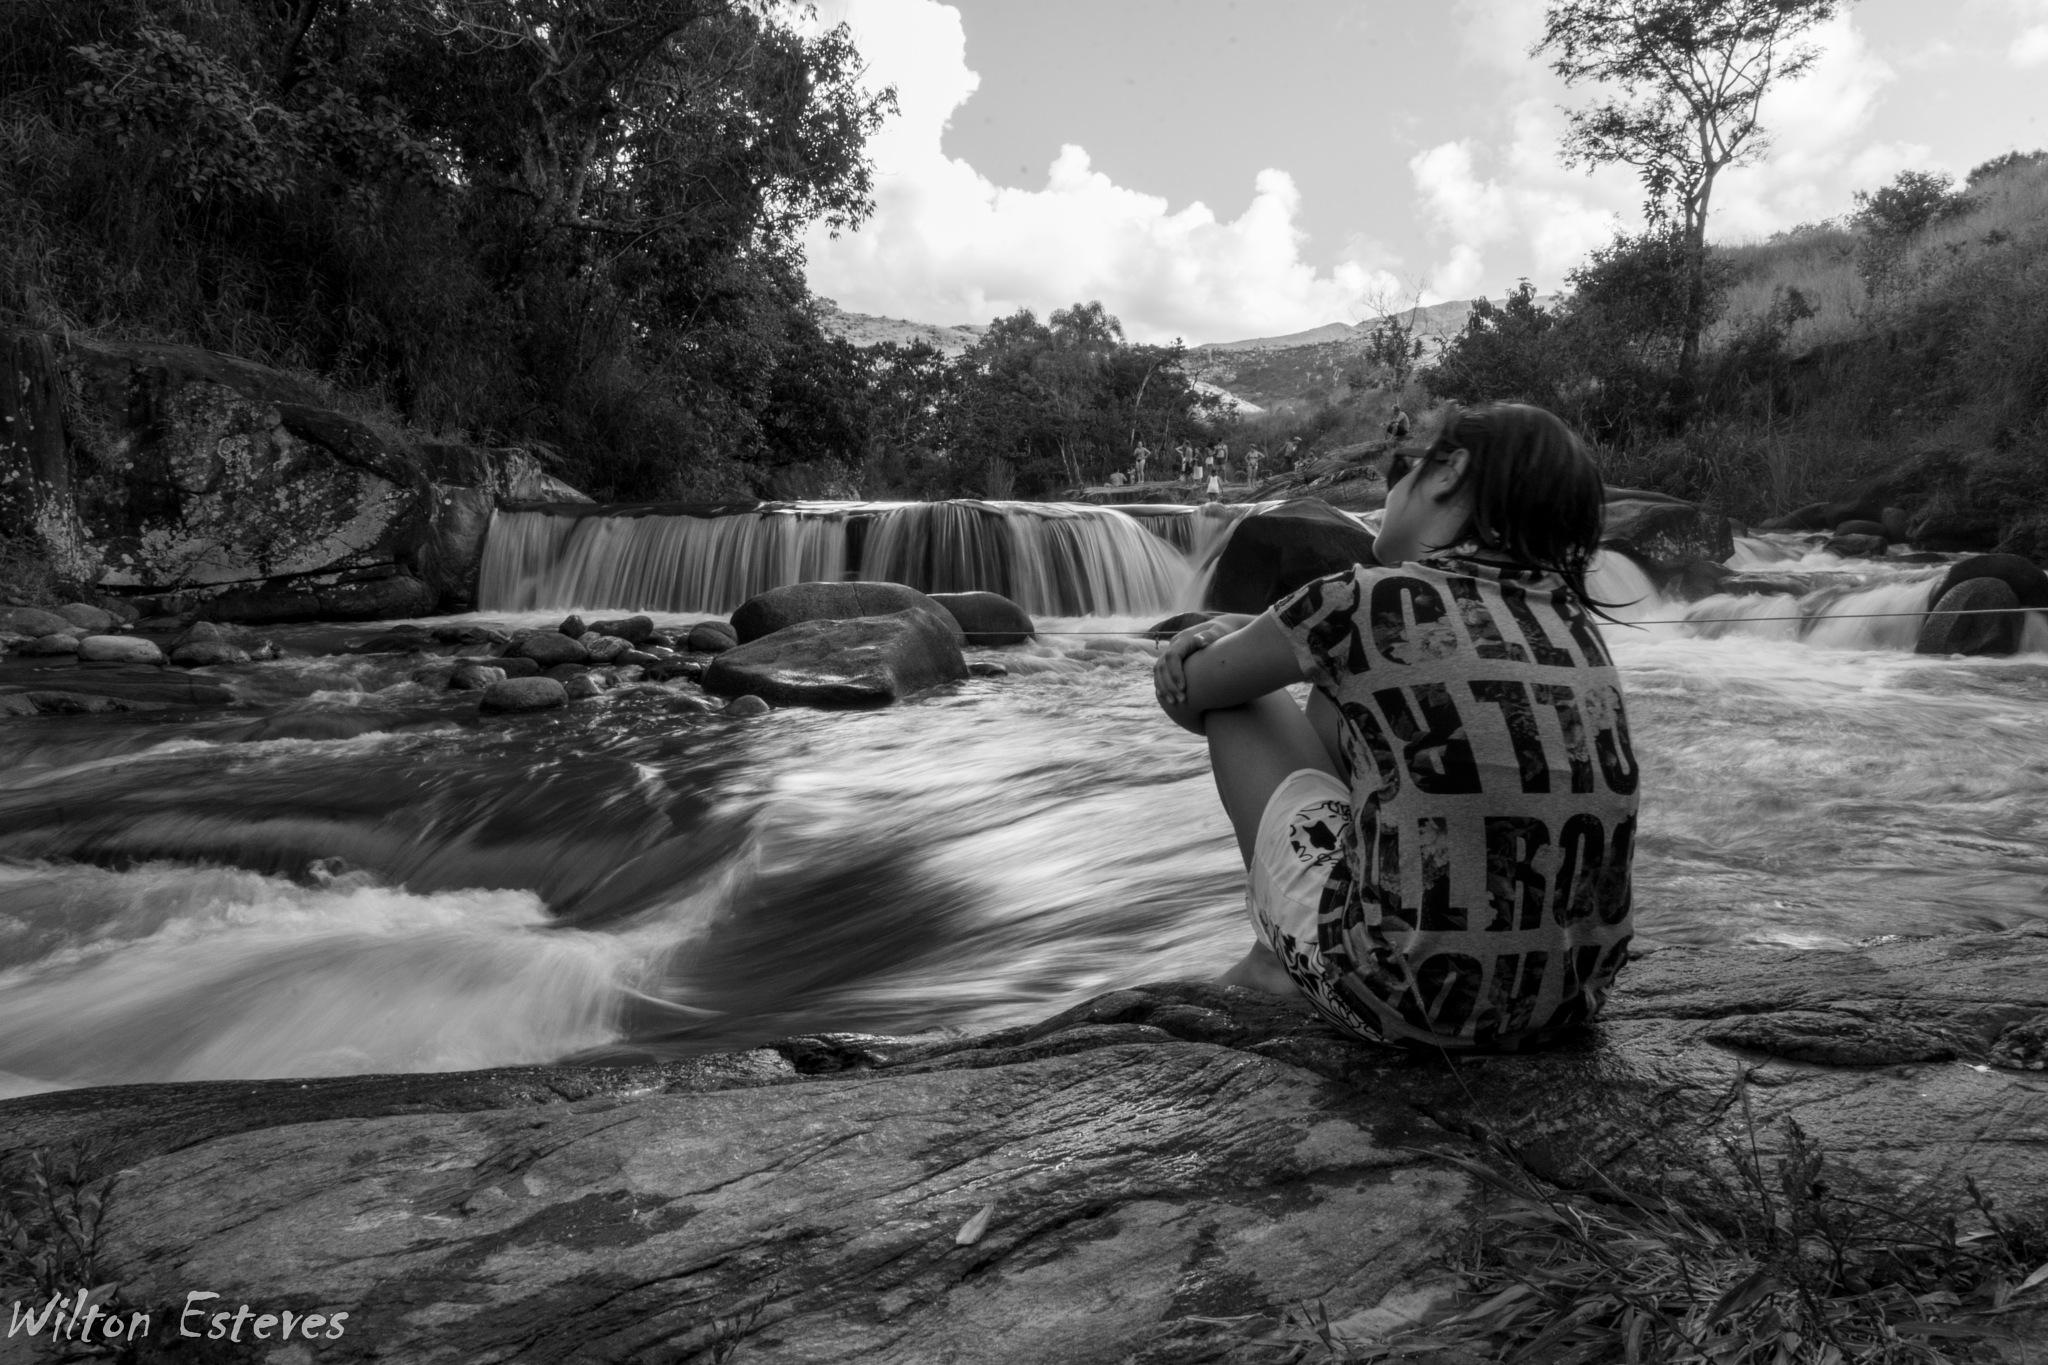 Cachoeira do Vo Delfim by Wilton Esteves